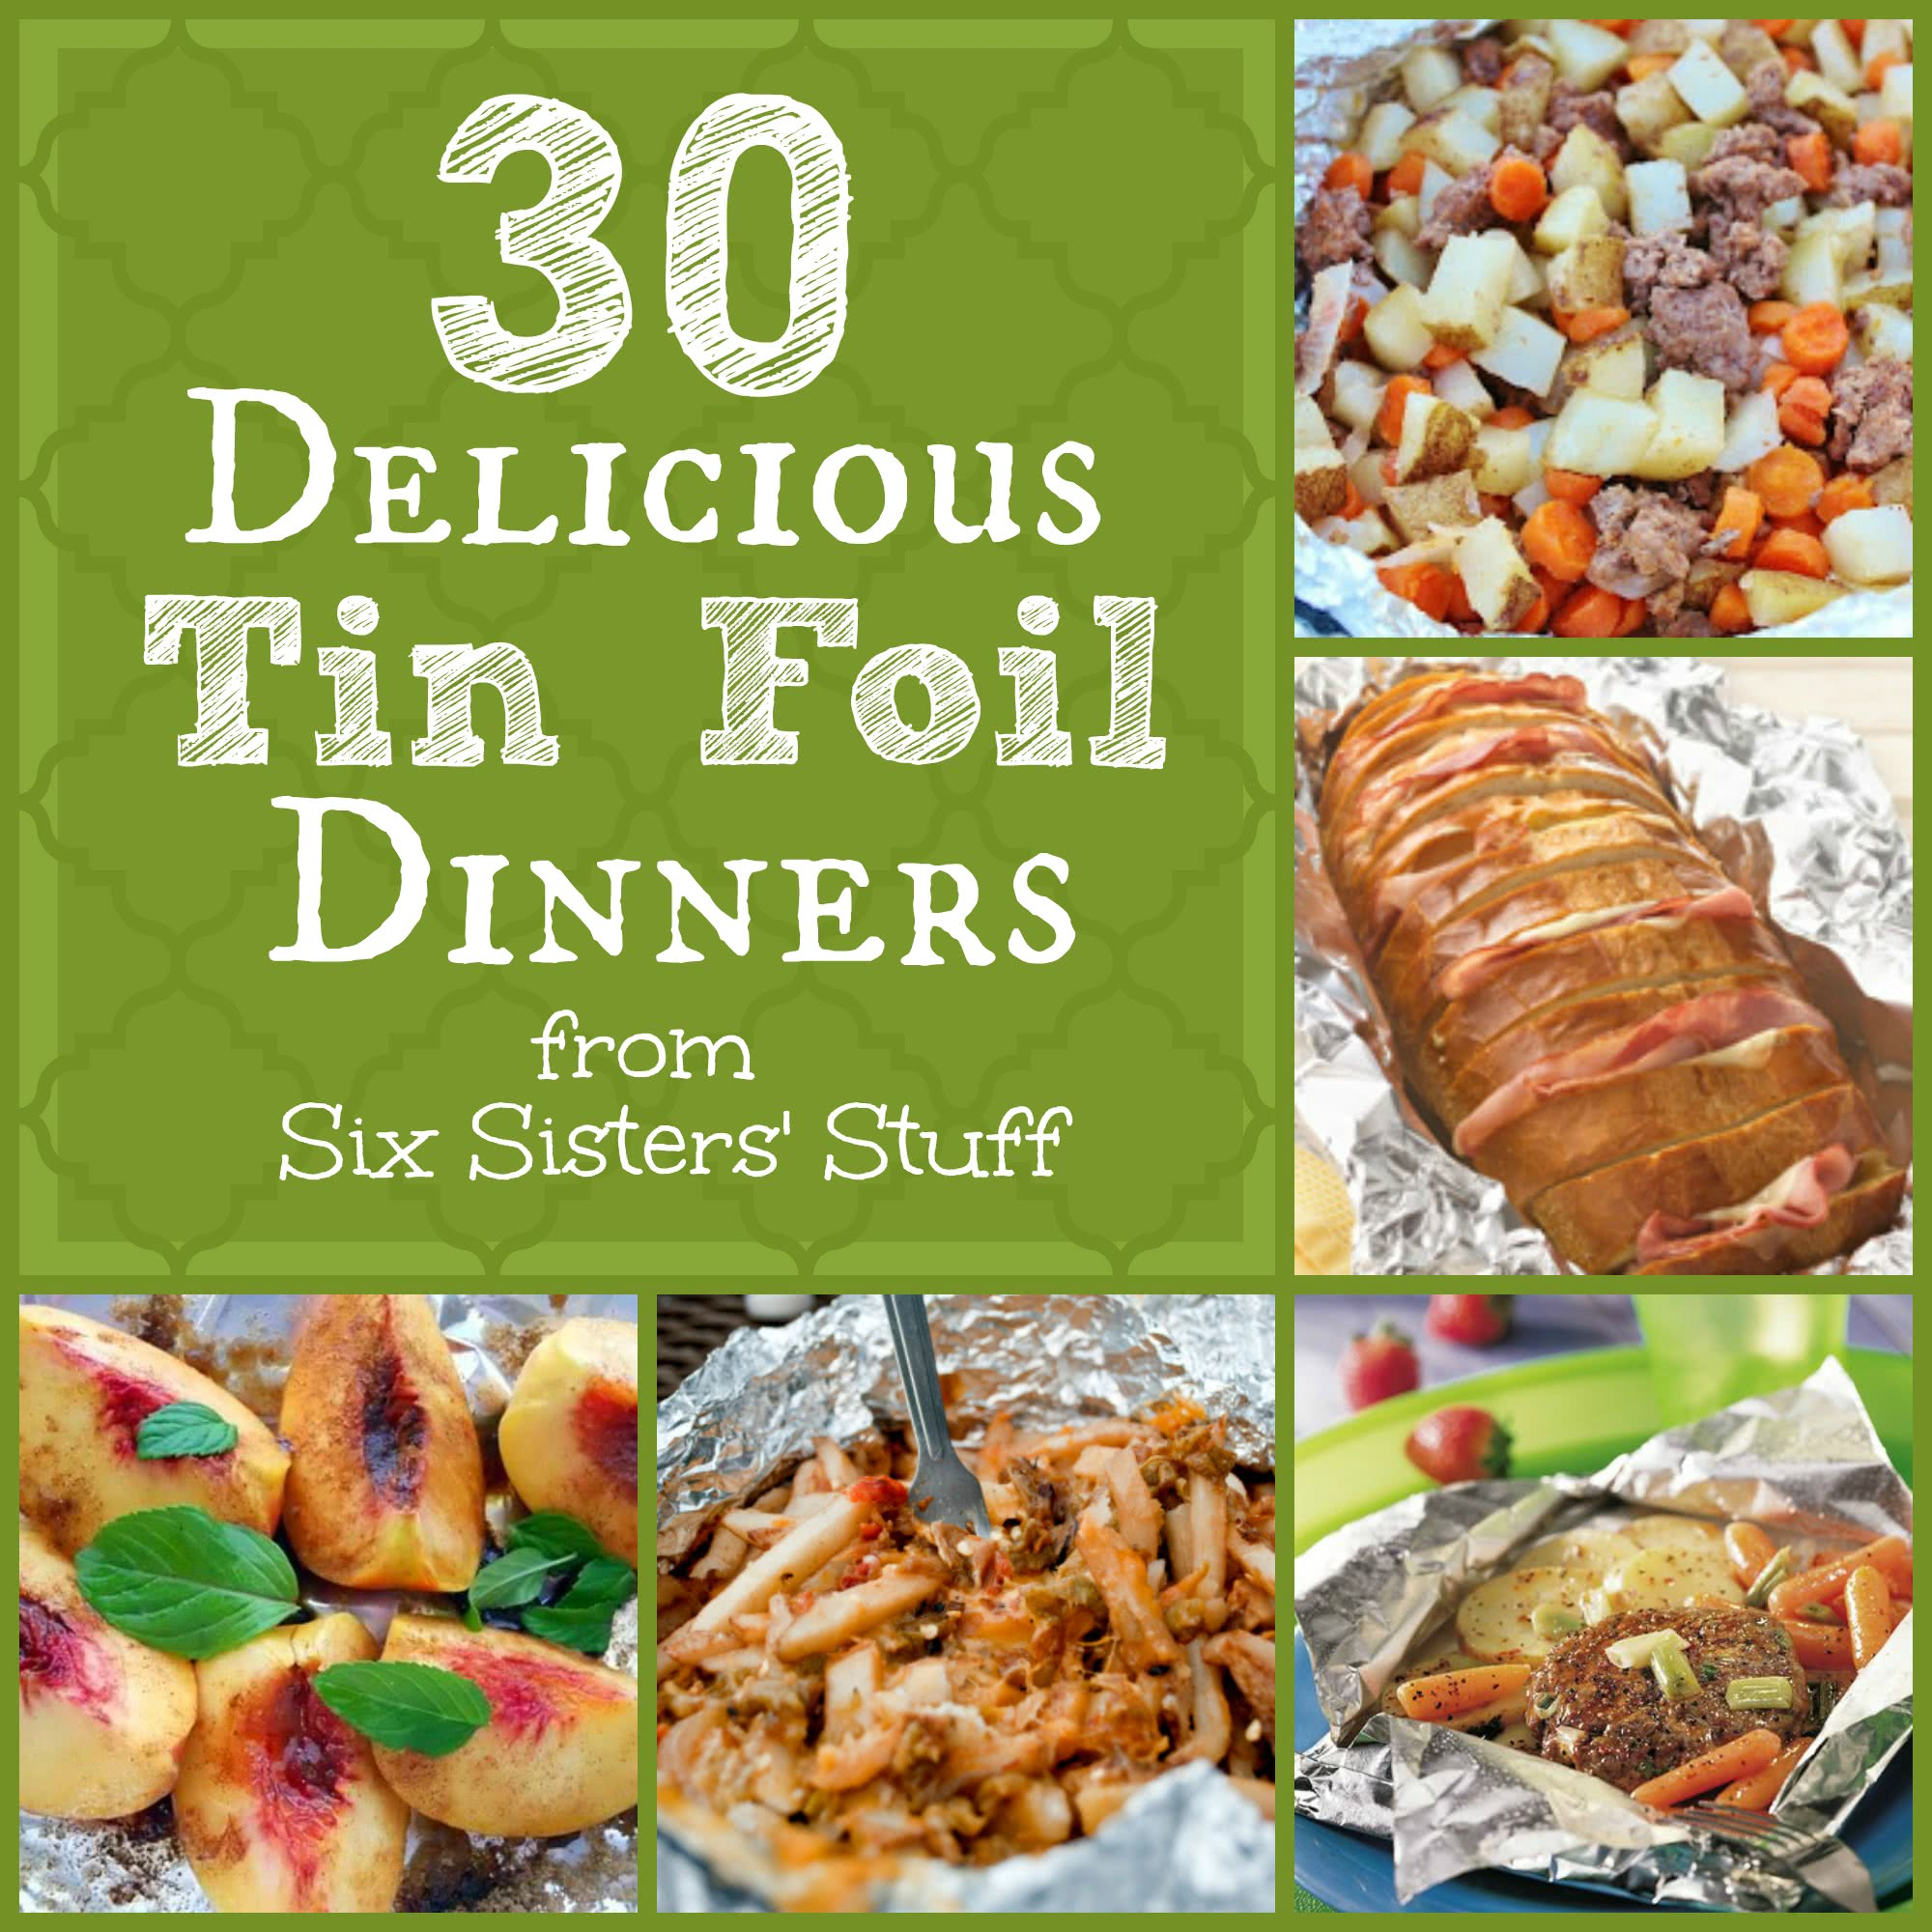 Tin foil dinner